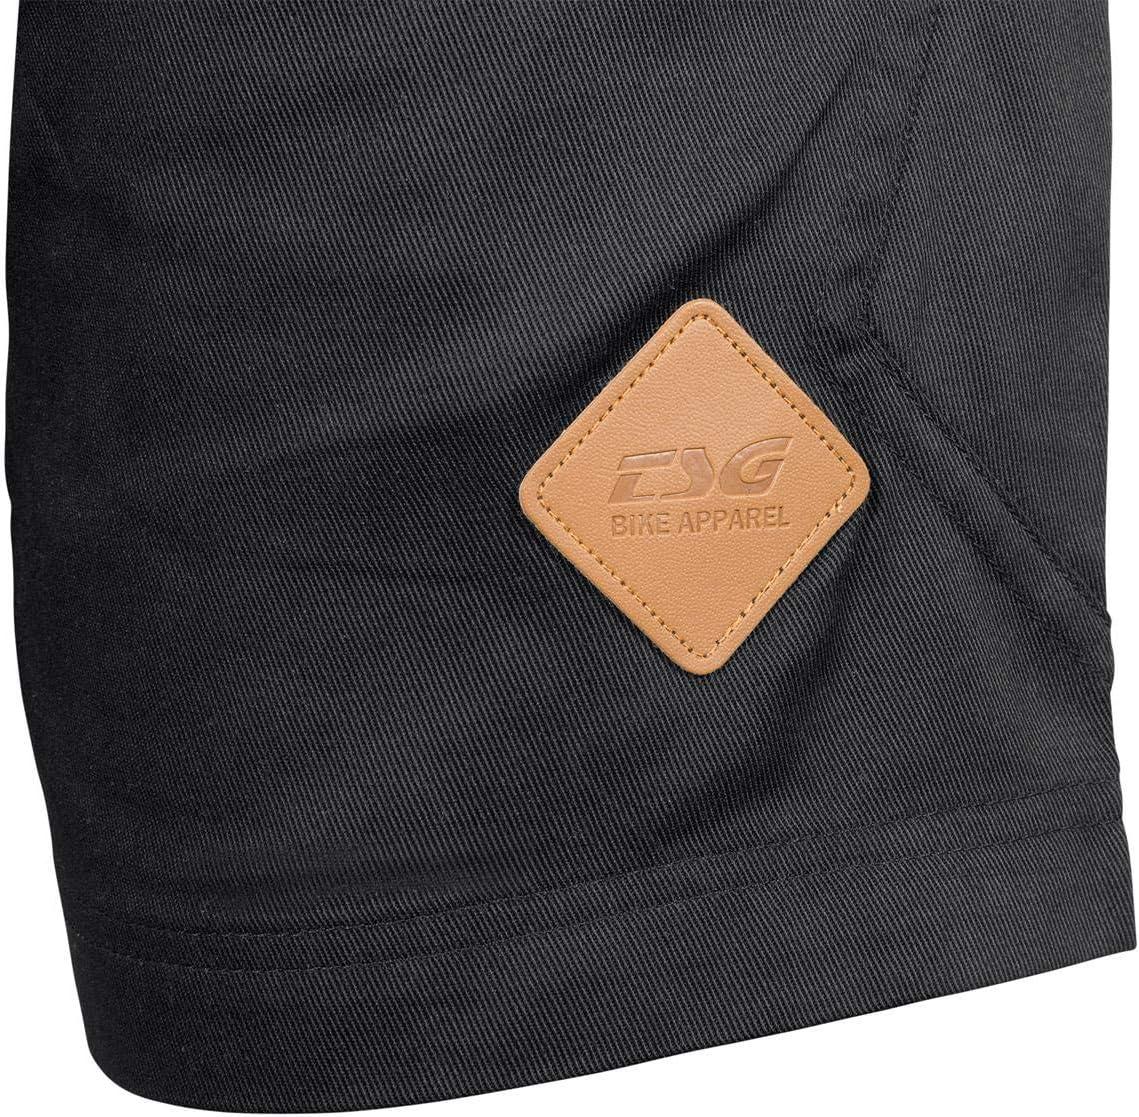 Unisex Clothing Adult TSG AK4 Shorts Black-Orange